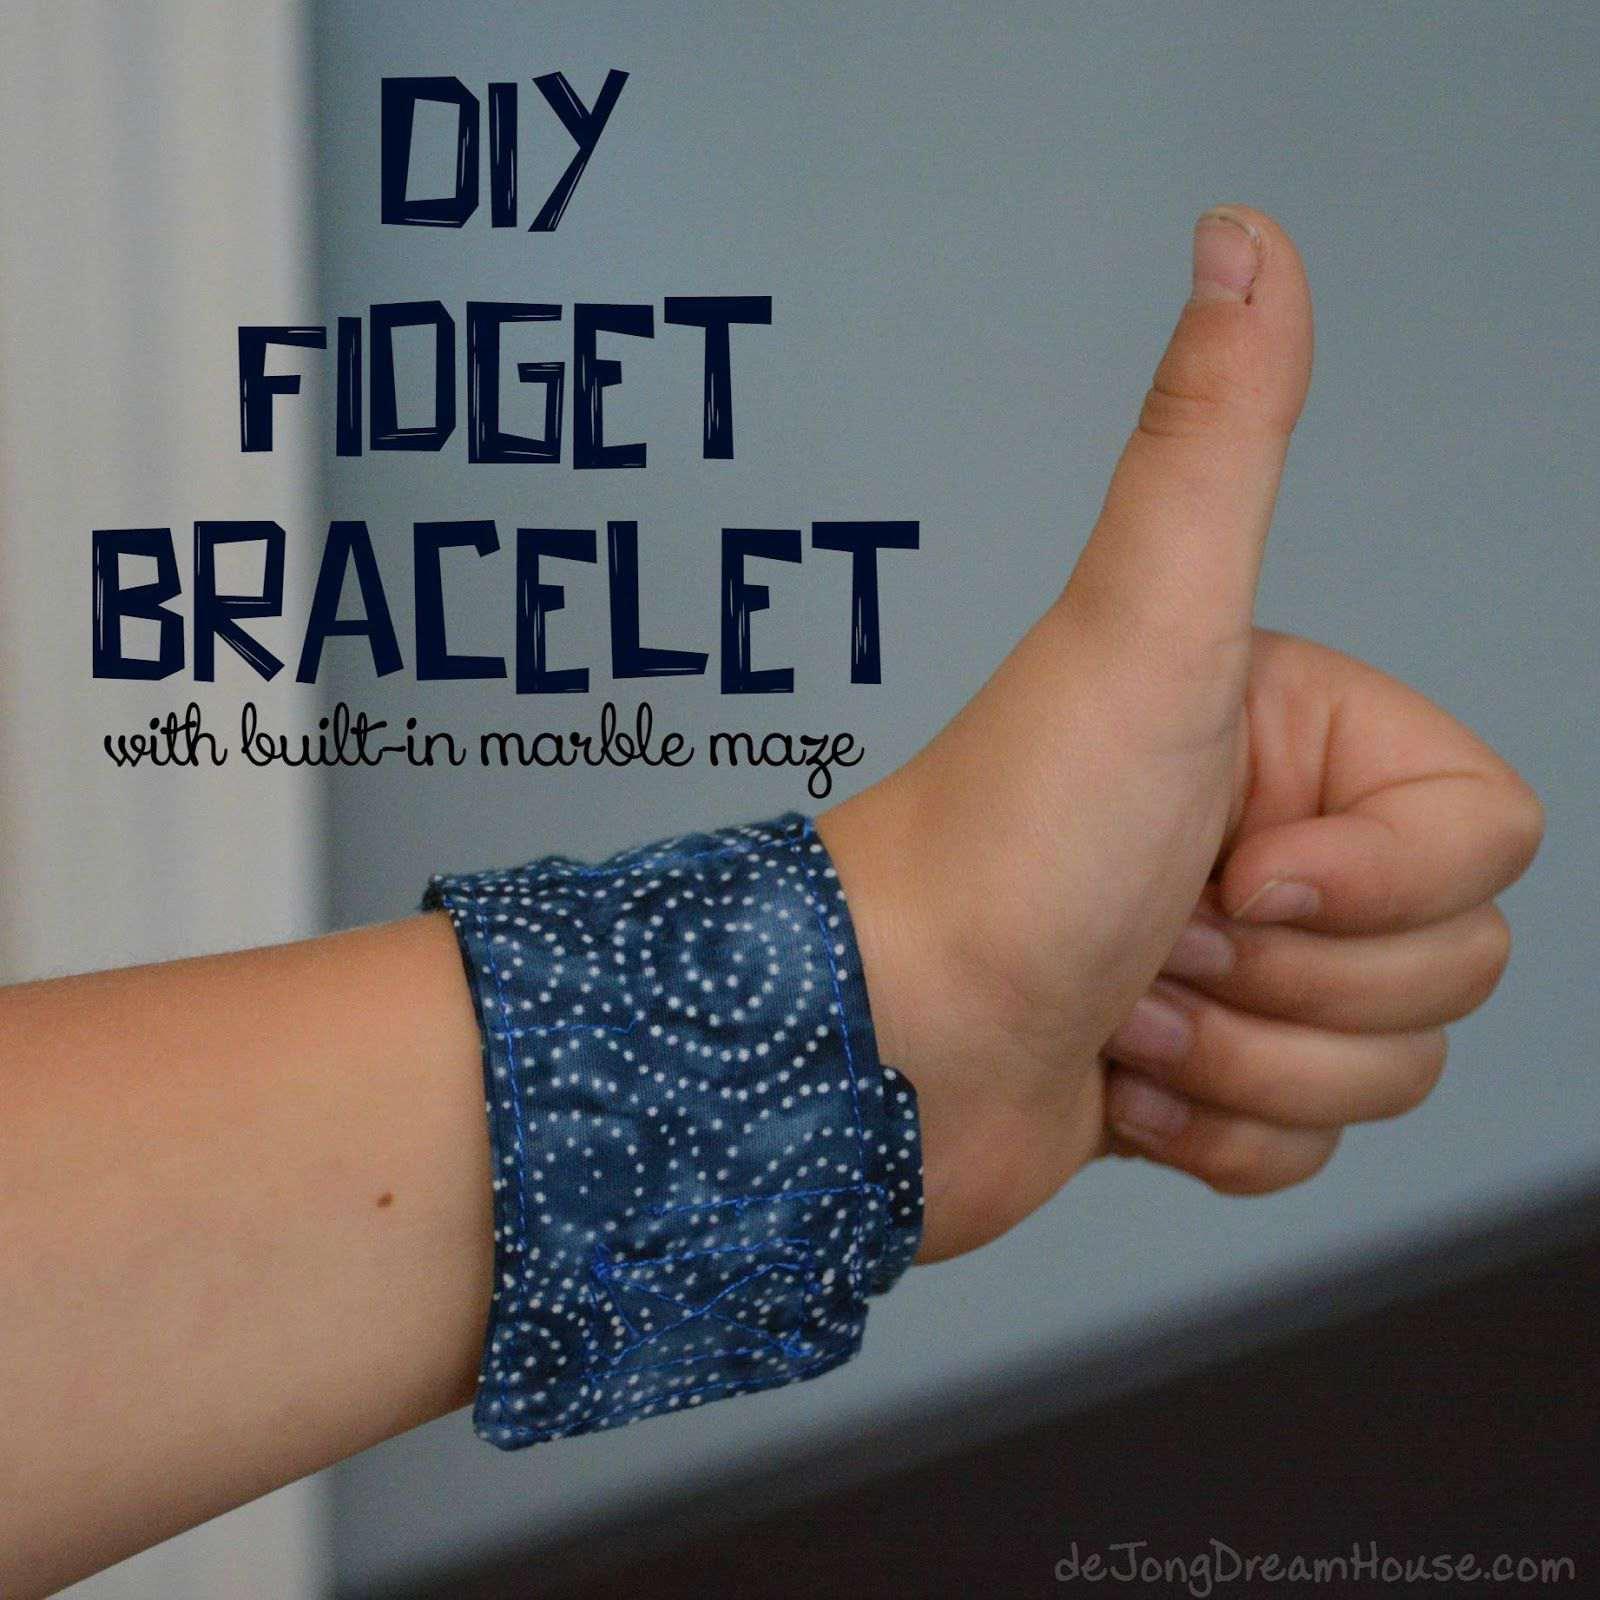 Fidget Bracelet